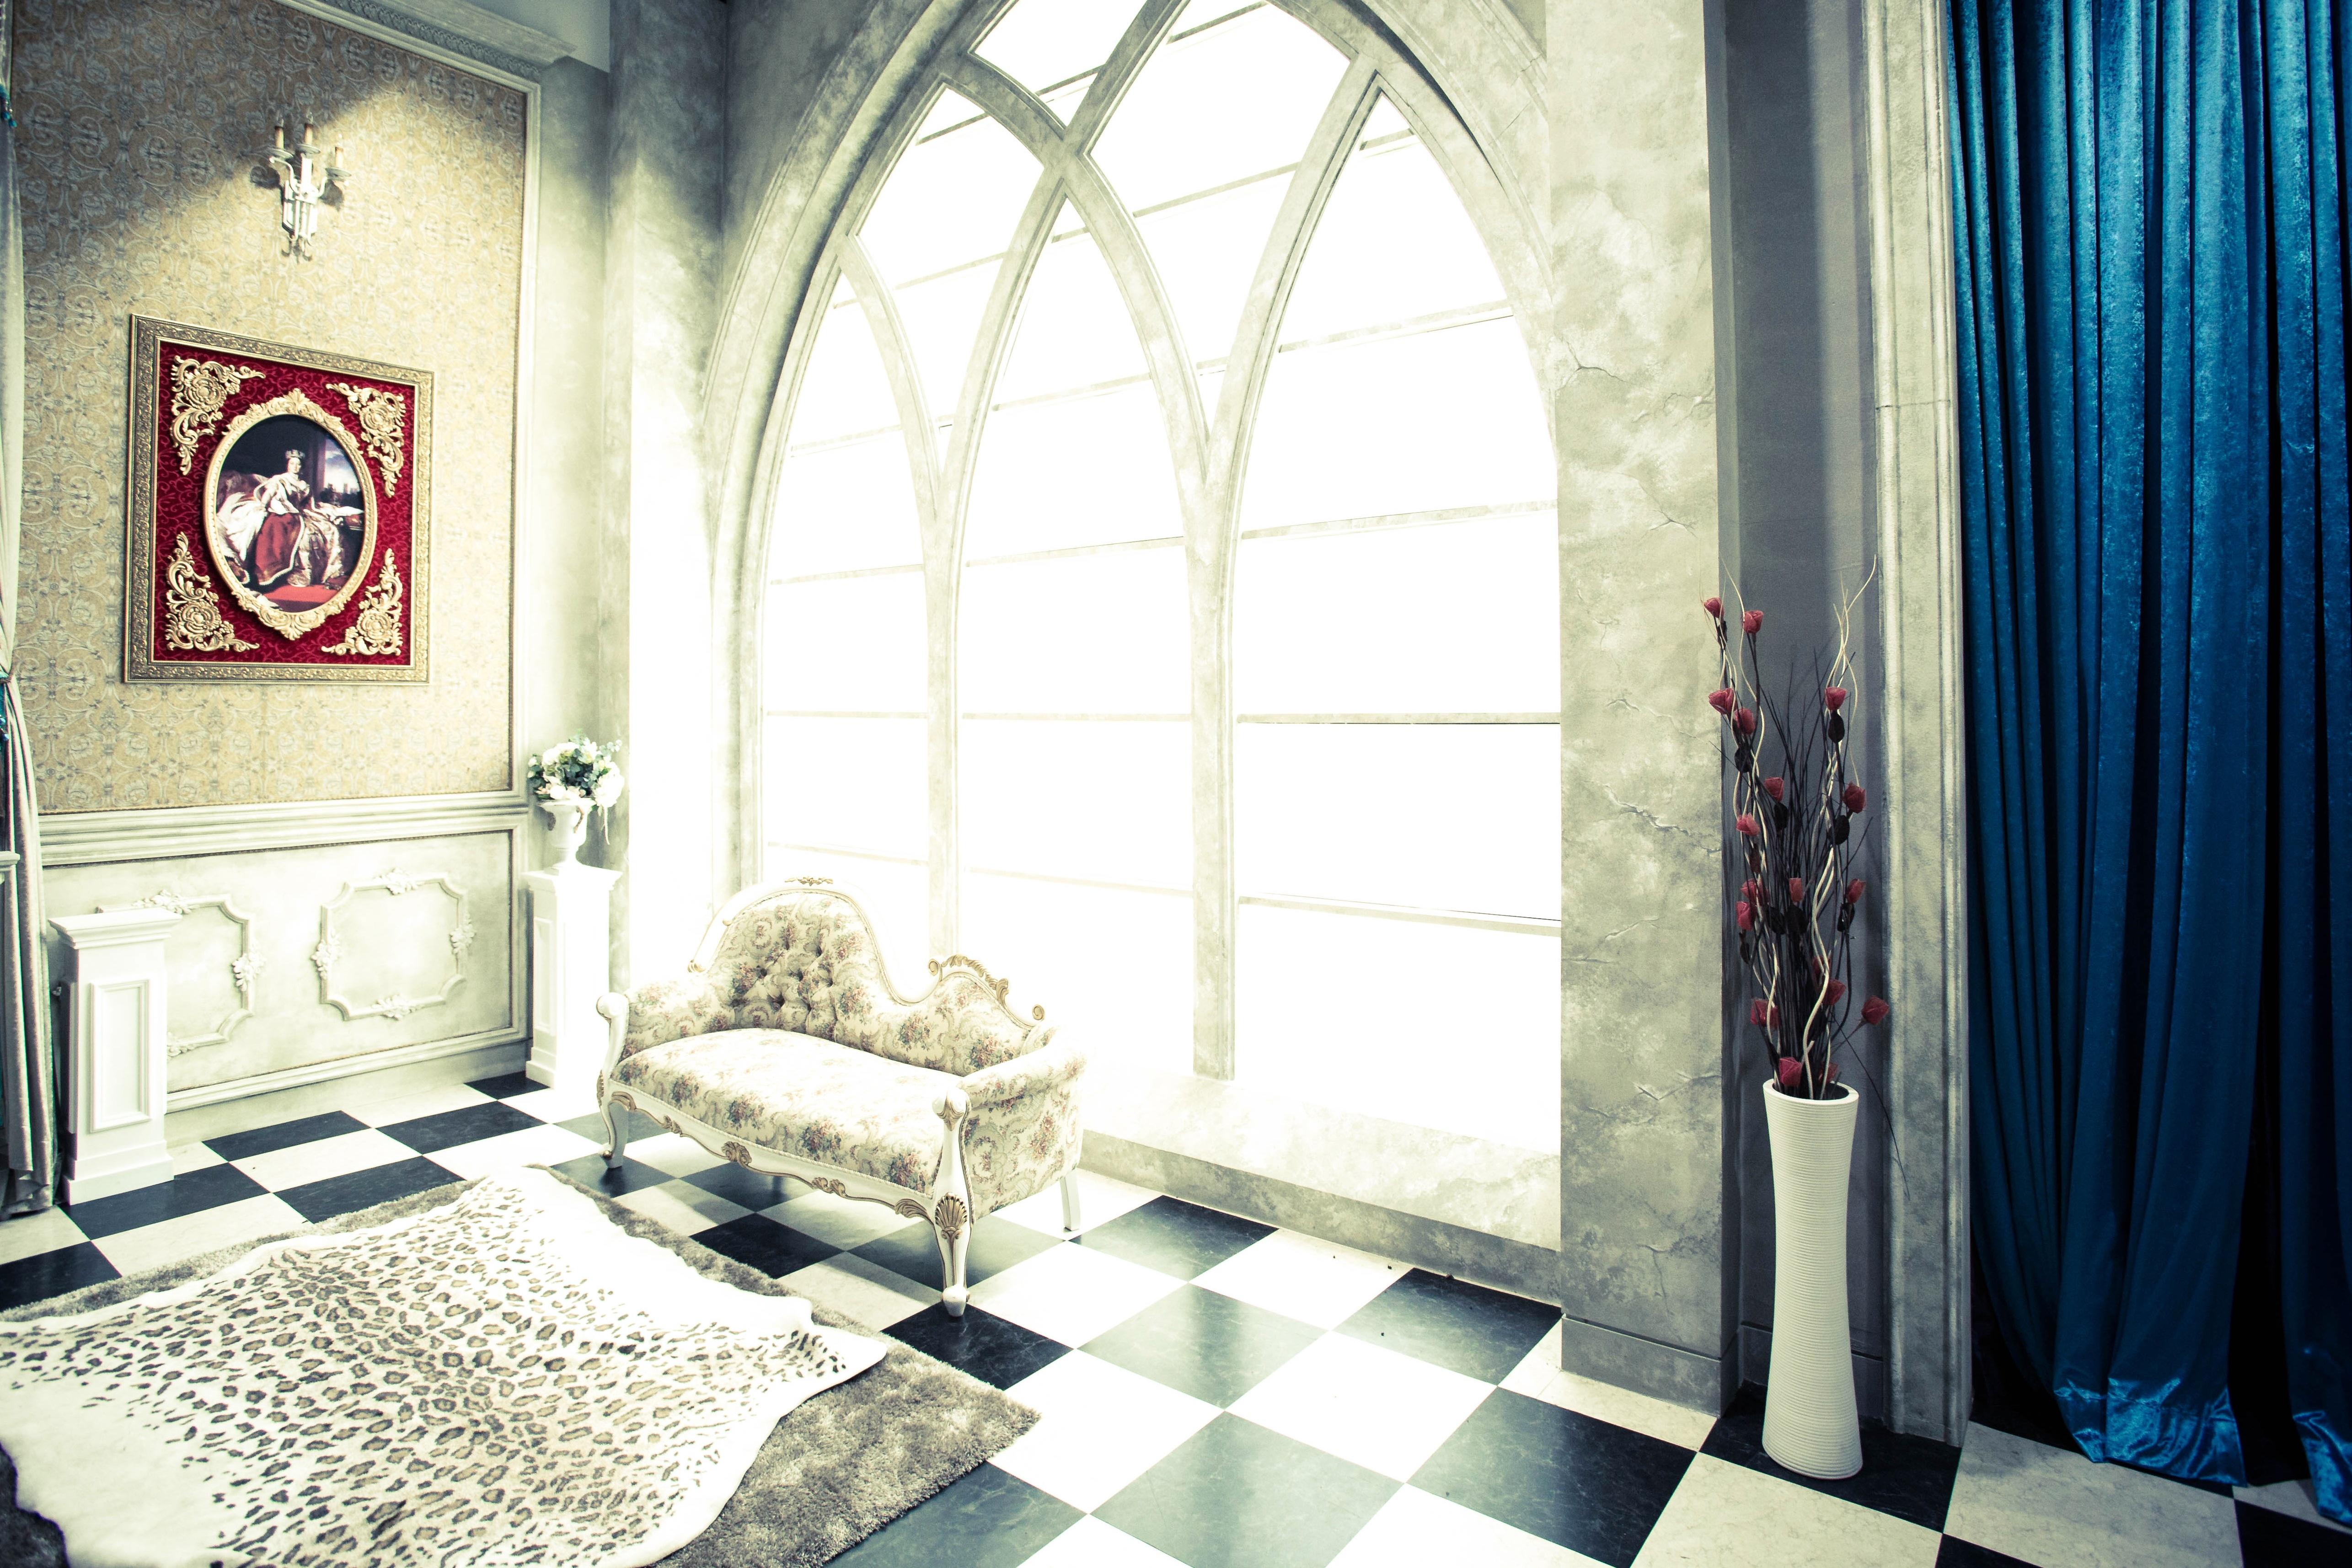 무료 이미지 : 맨션, 바닥, 시골집, 사진관, 커튼, 재산, 거실, 방 ...